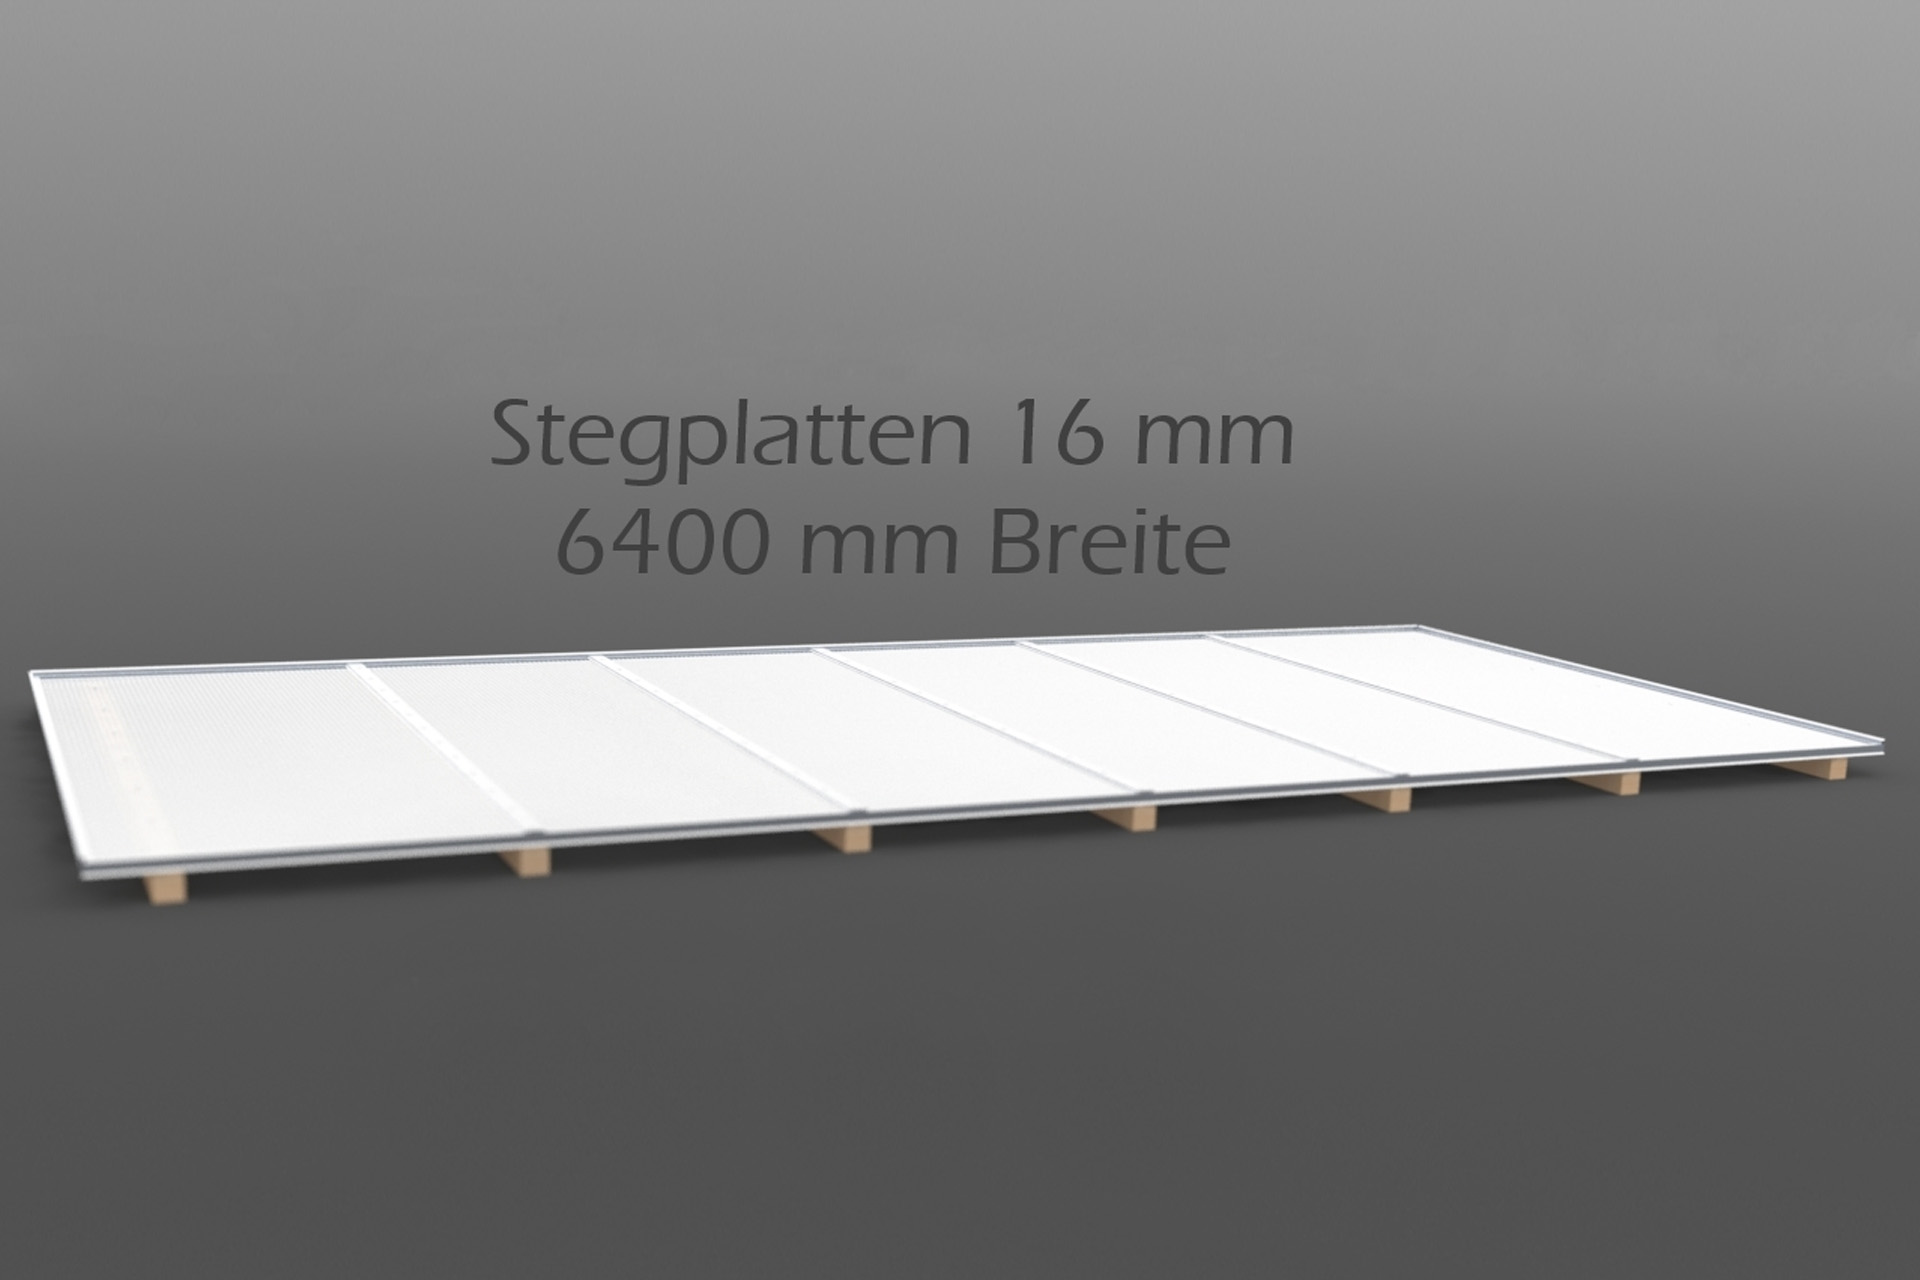 Dachhaut Stegplatten 16 mm in 6400 mm Breite